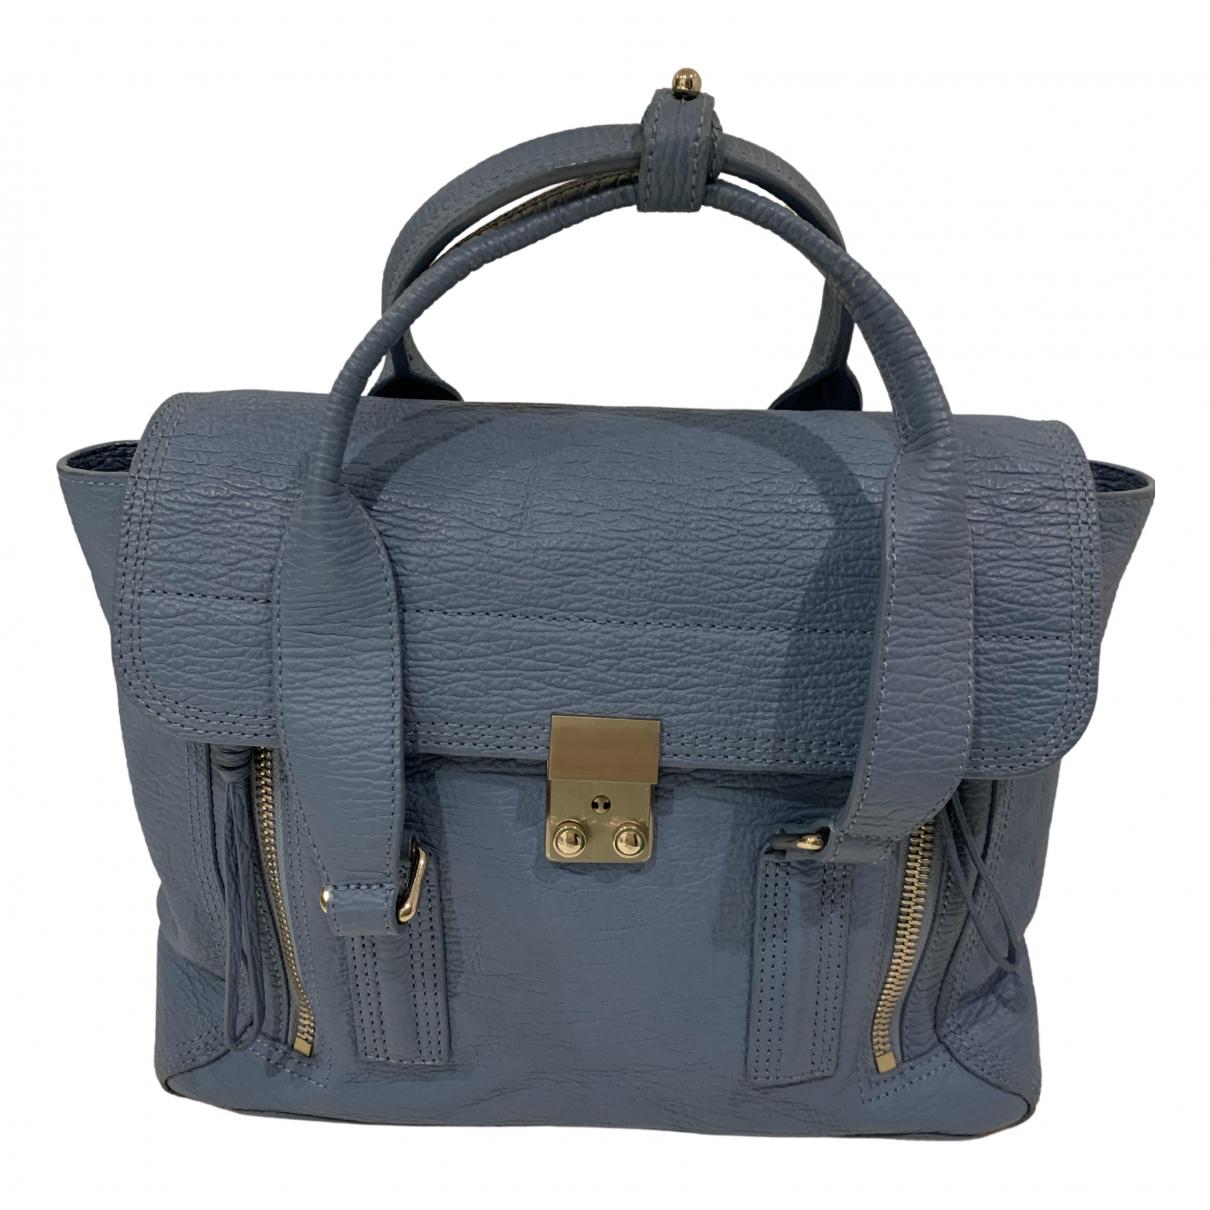 3.1 Phillip Lim Pashli Handtasche in  Blau Leder